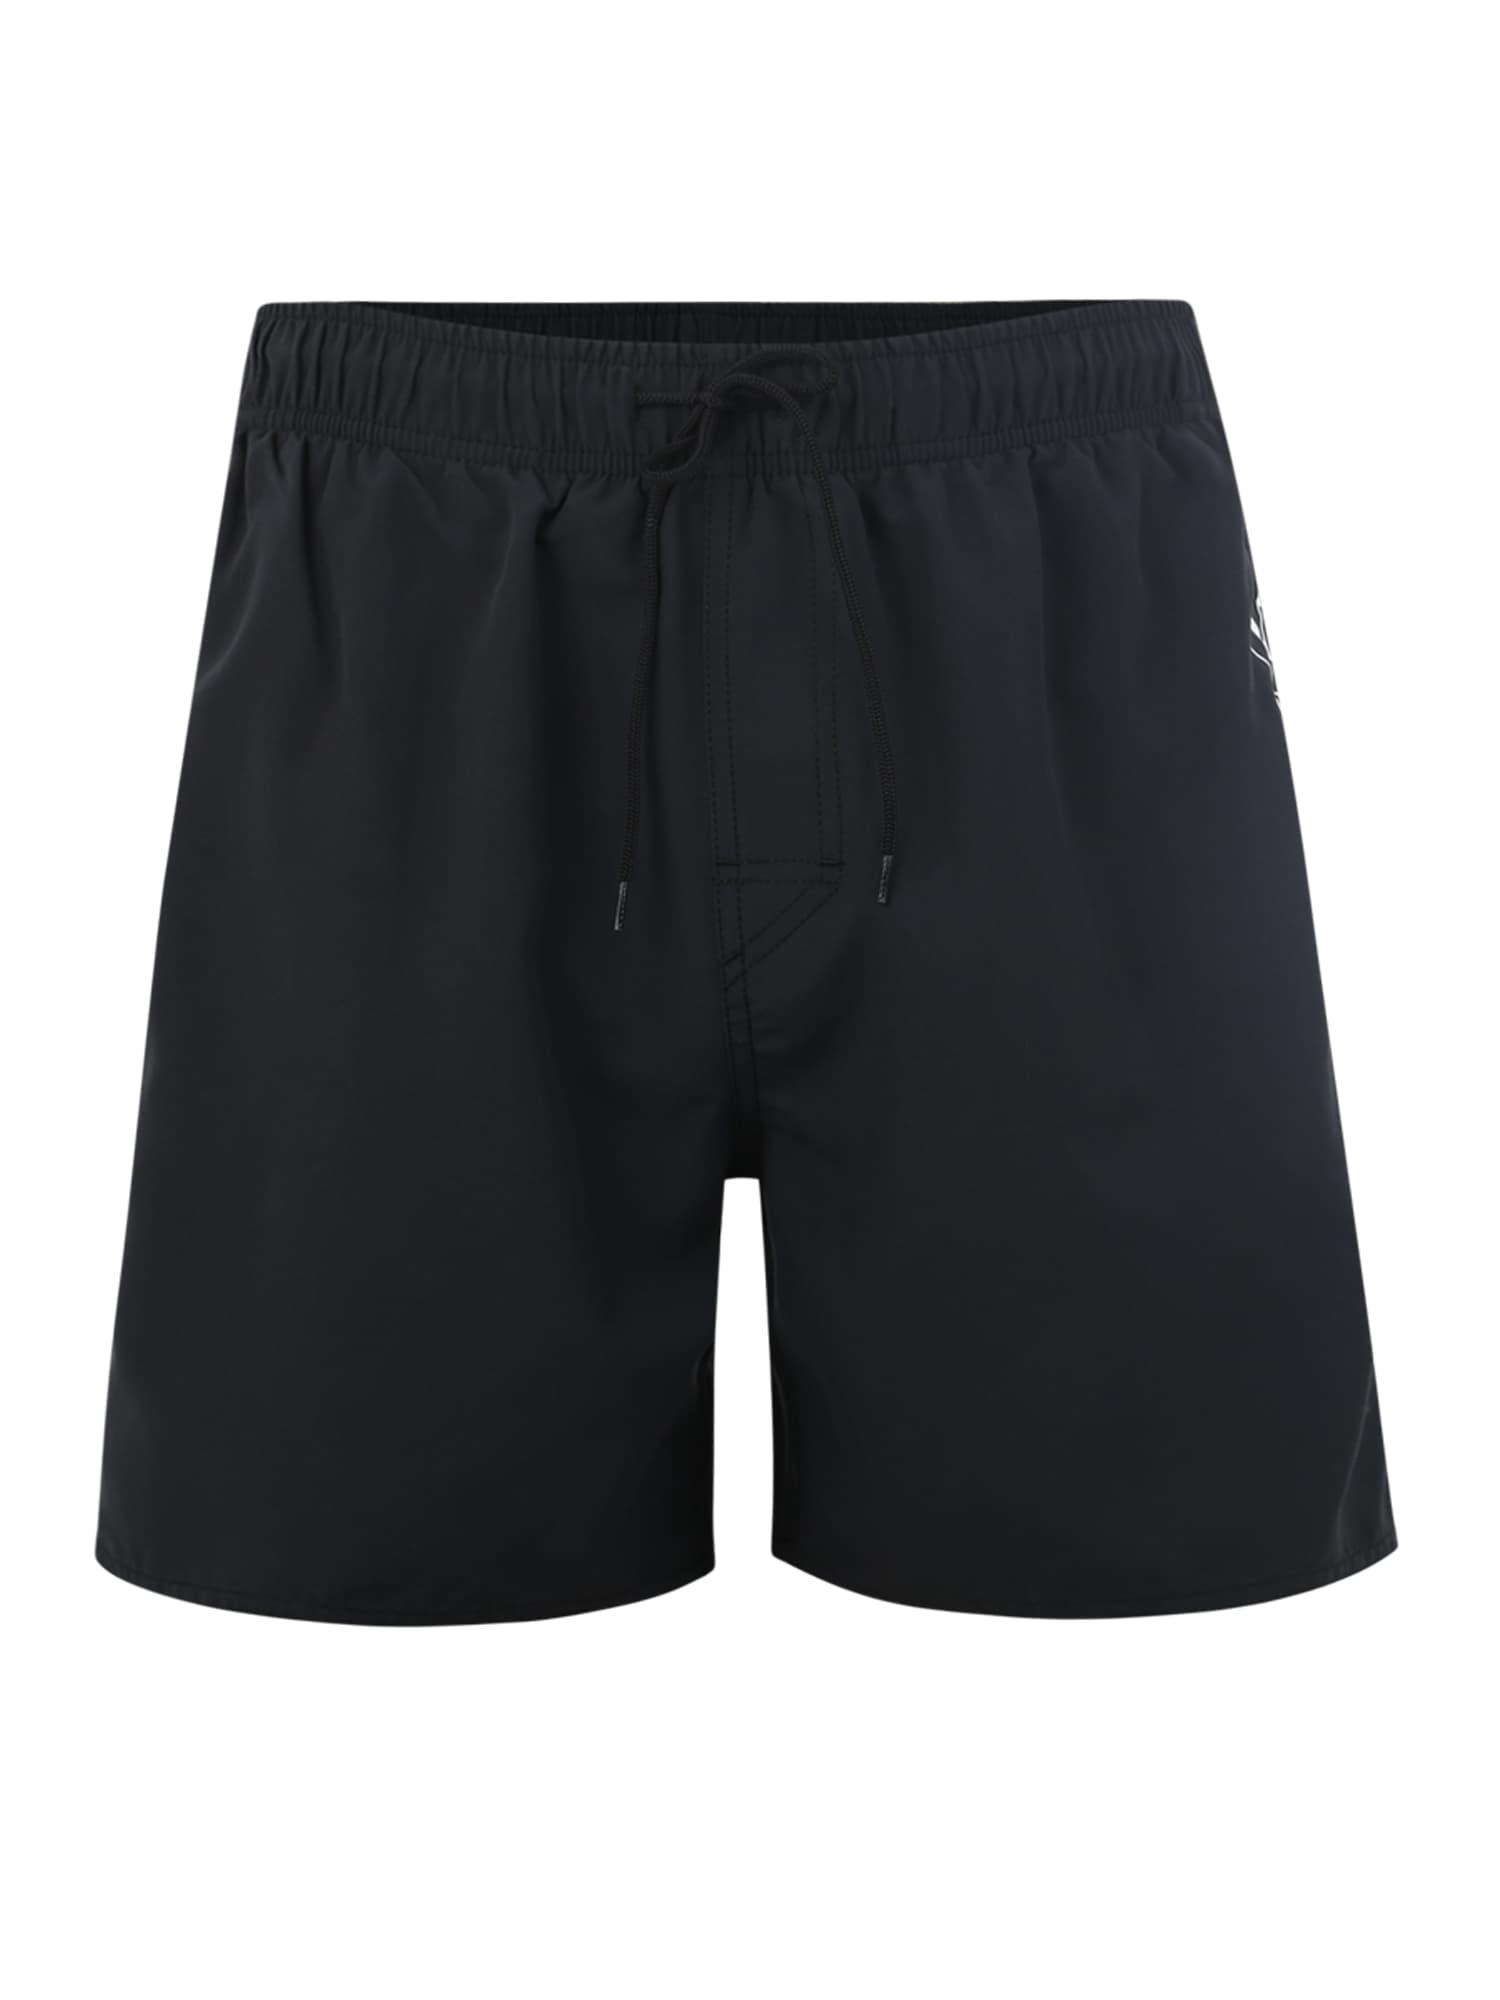 Plavecké šortky VOLLEY TIMELESS 16 černá RIP CURL